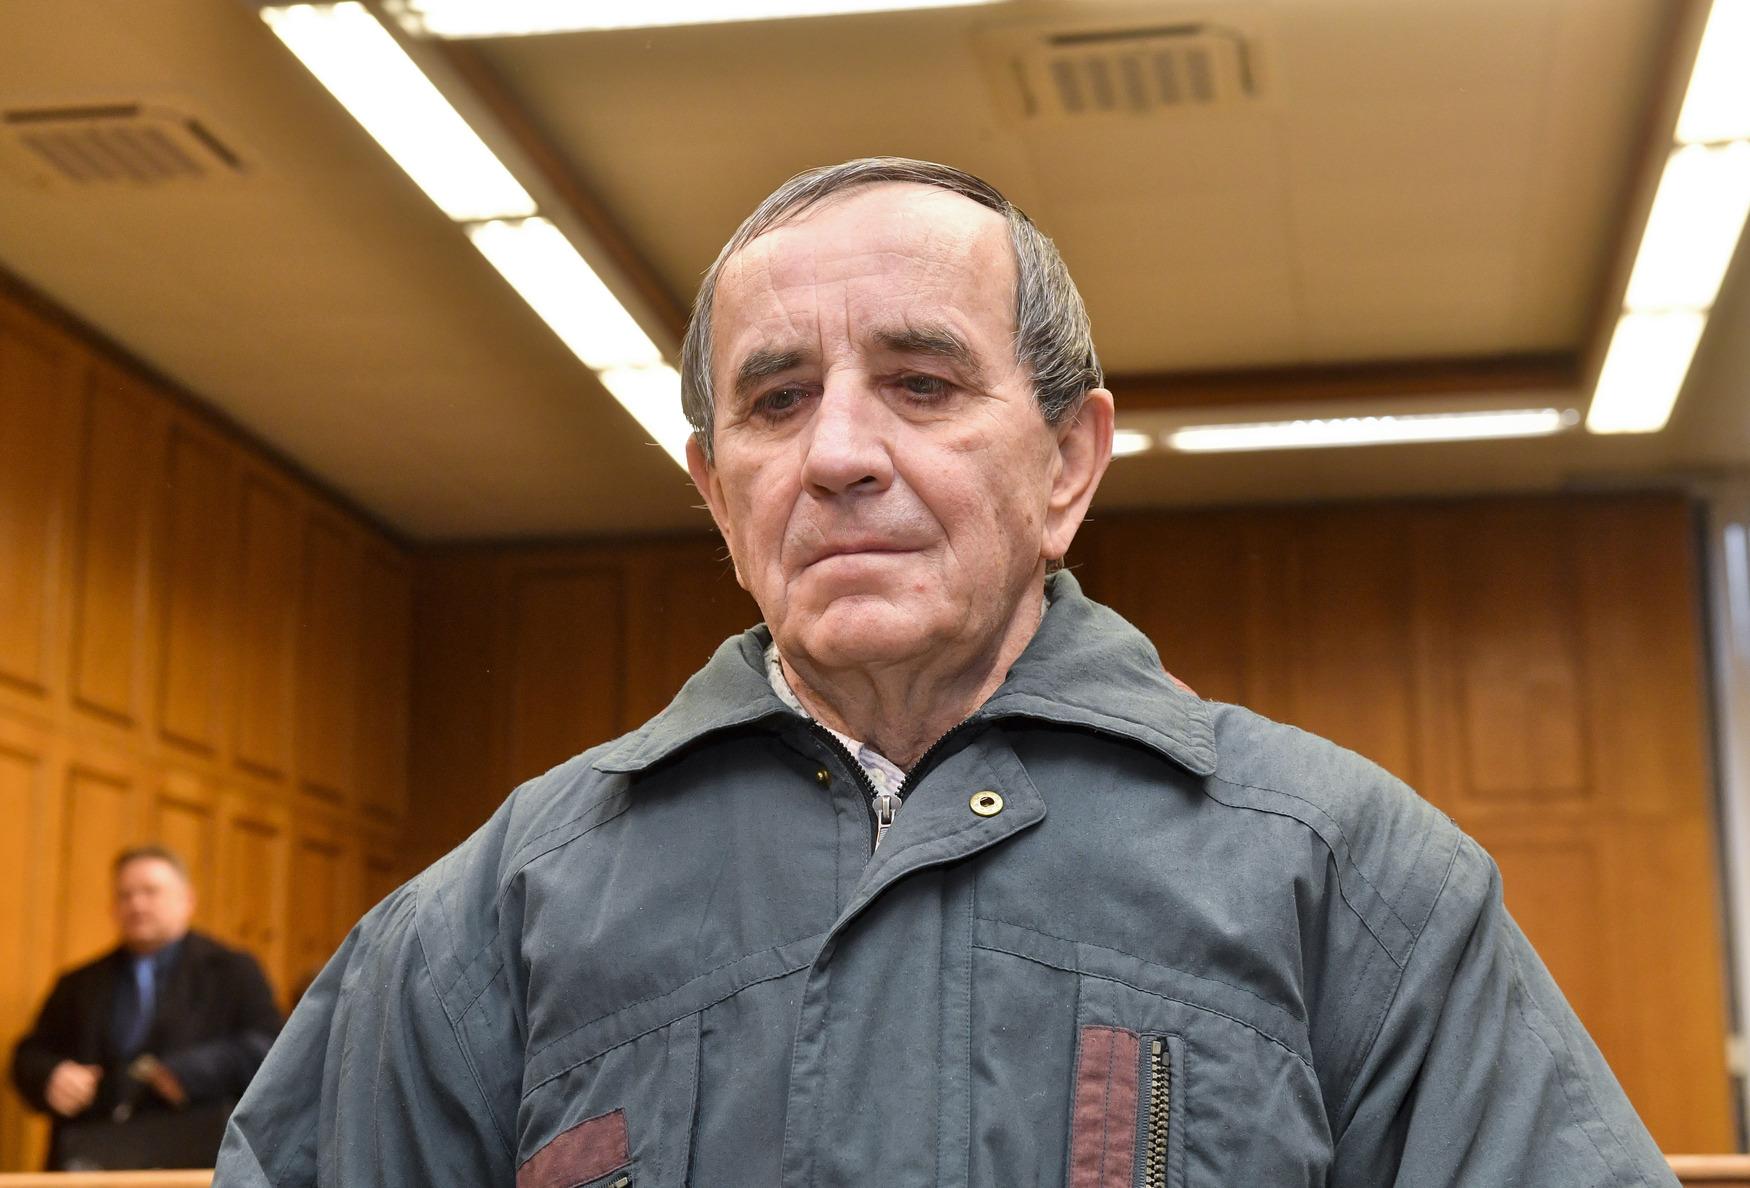 Jedenasedmdesátiletý Jaromír Balda se u soudu přiznal k pokácení dvou stromů na železniční tratě a způsobení nehod dvou vlaků.